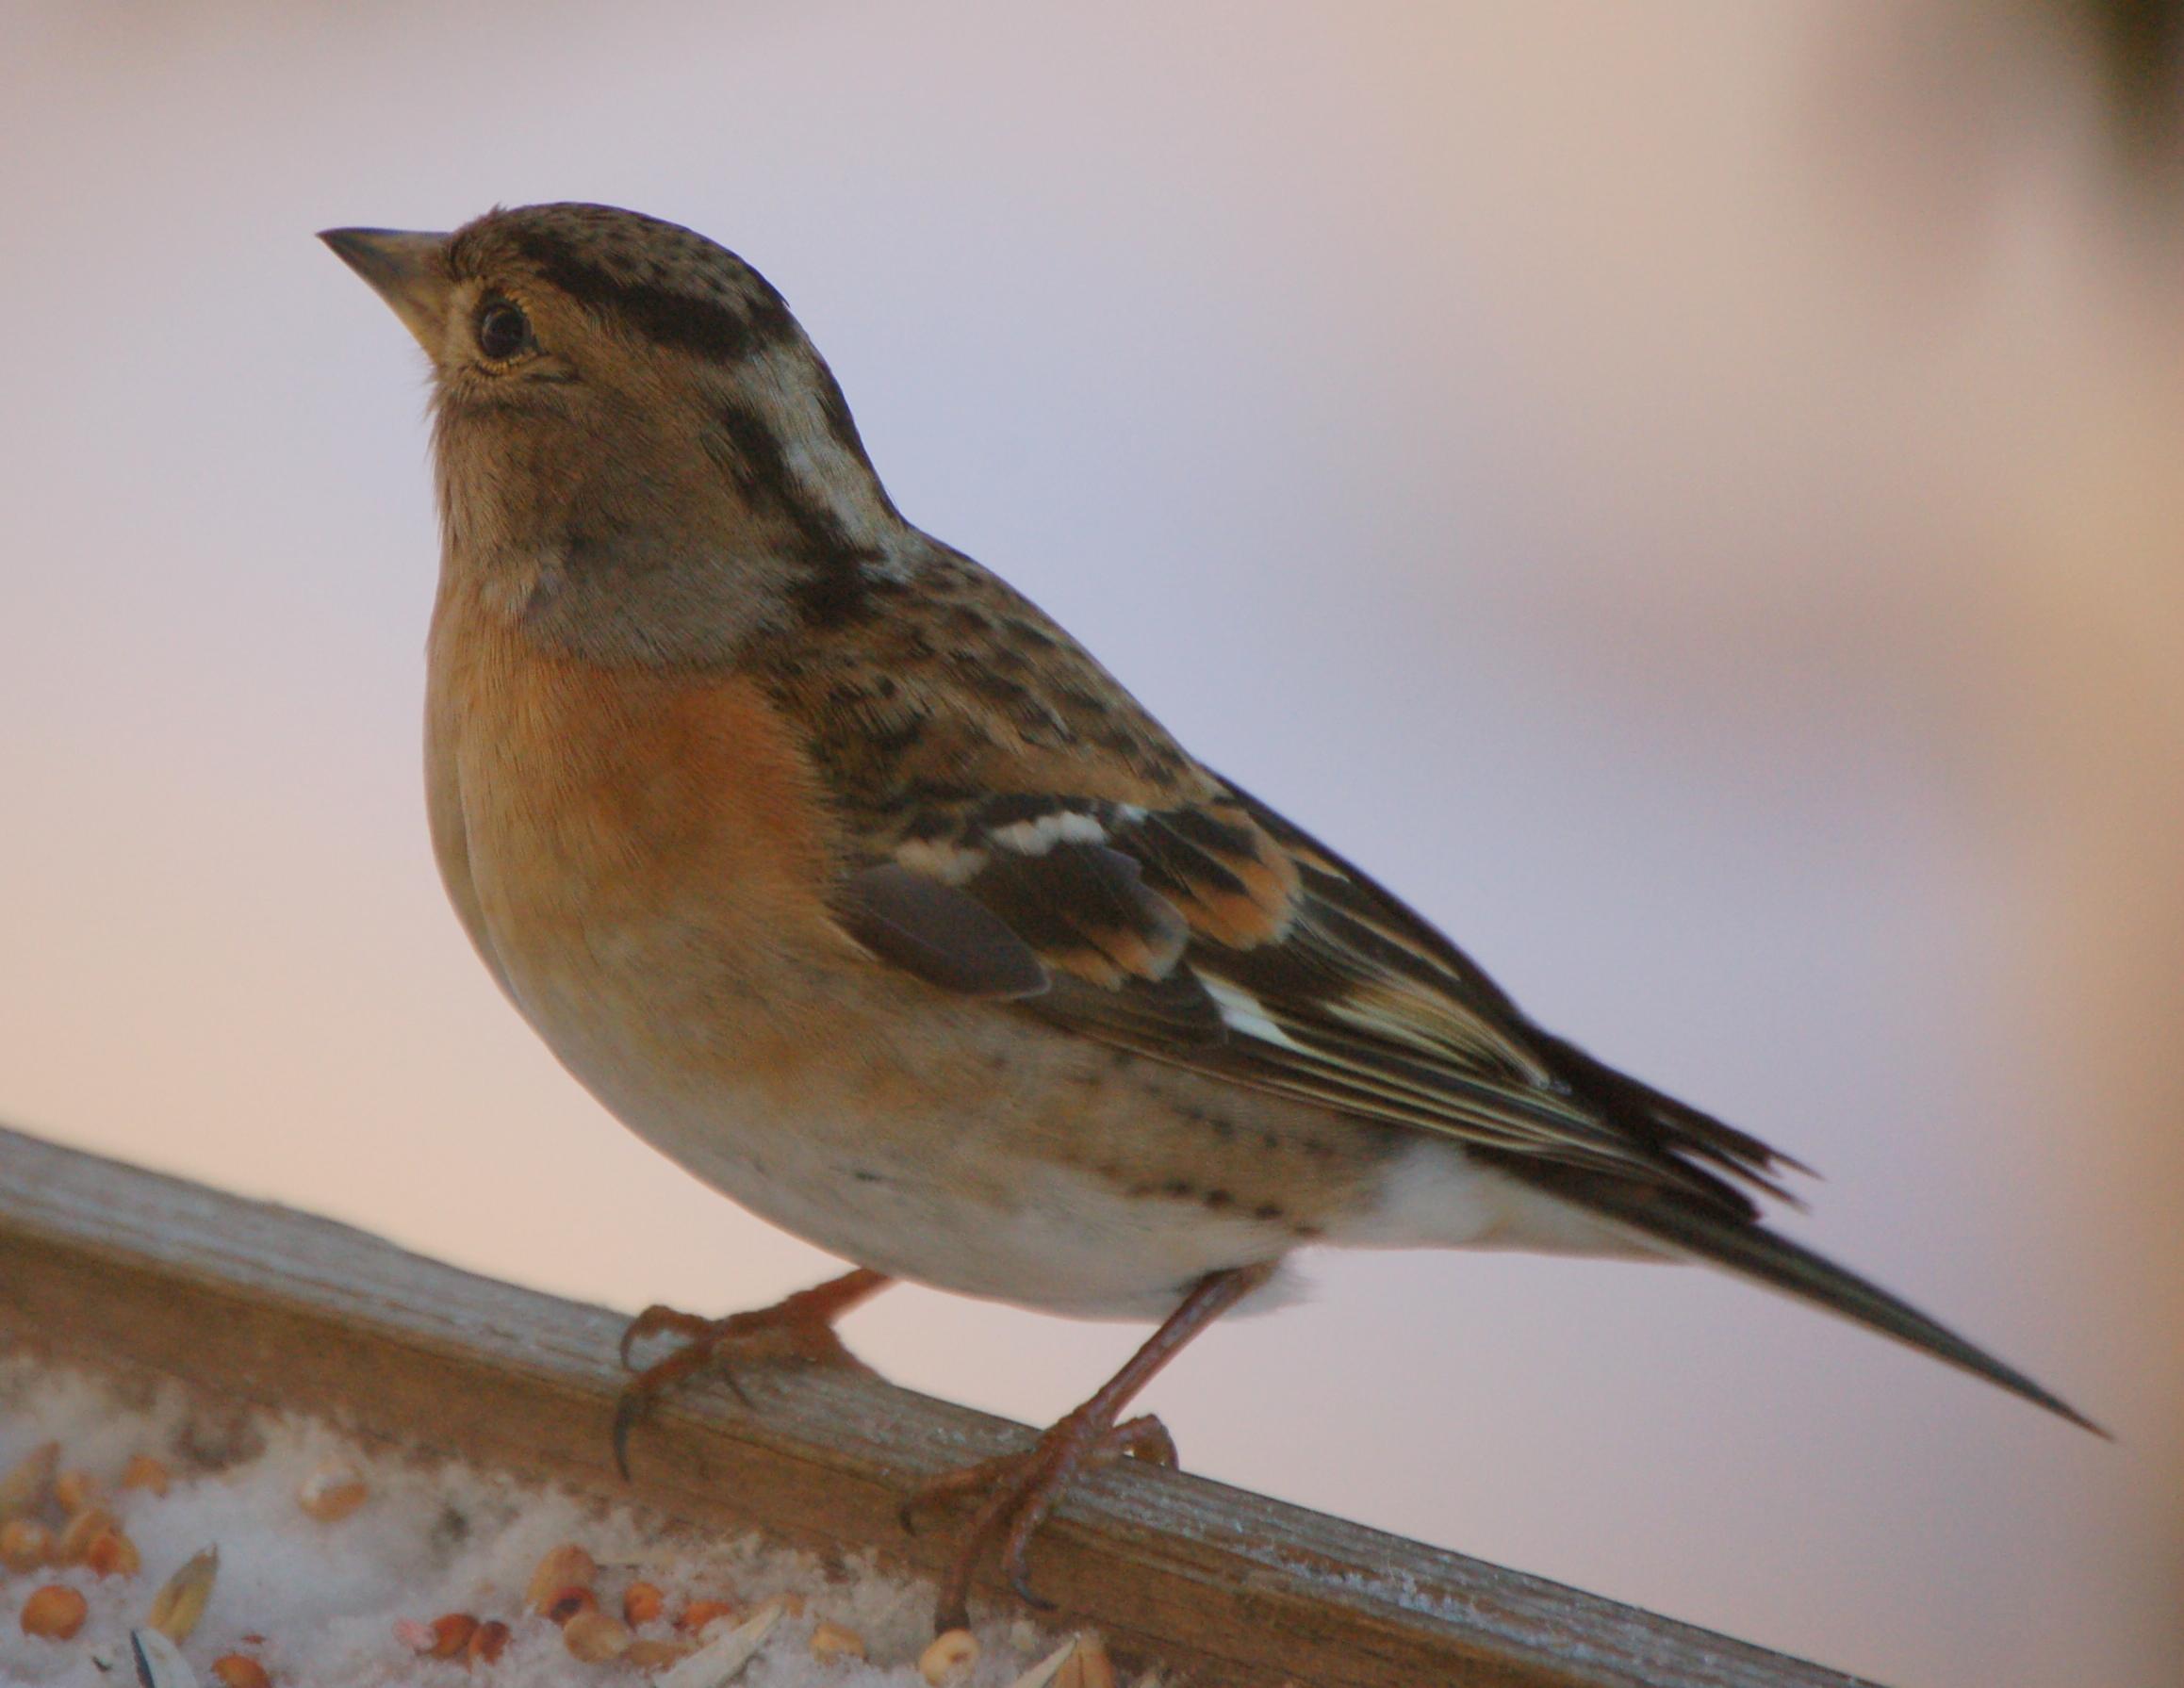 Fil fringilla montifringilla jpg wikipedia for Oiseau commun